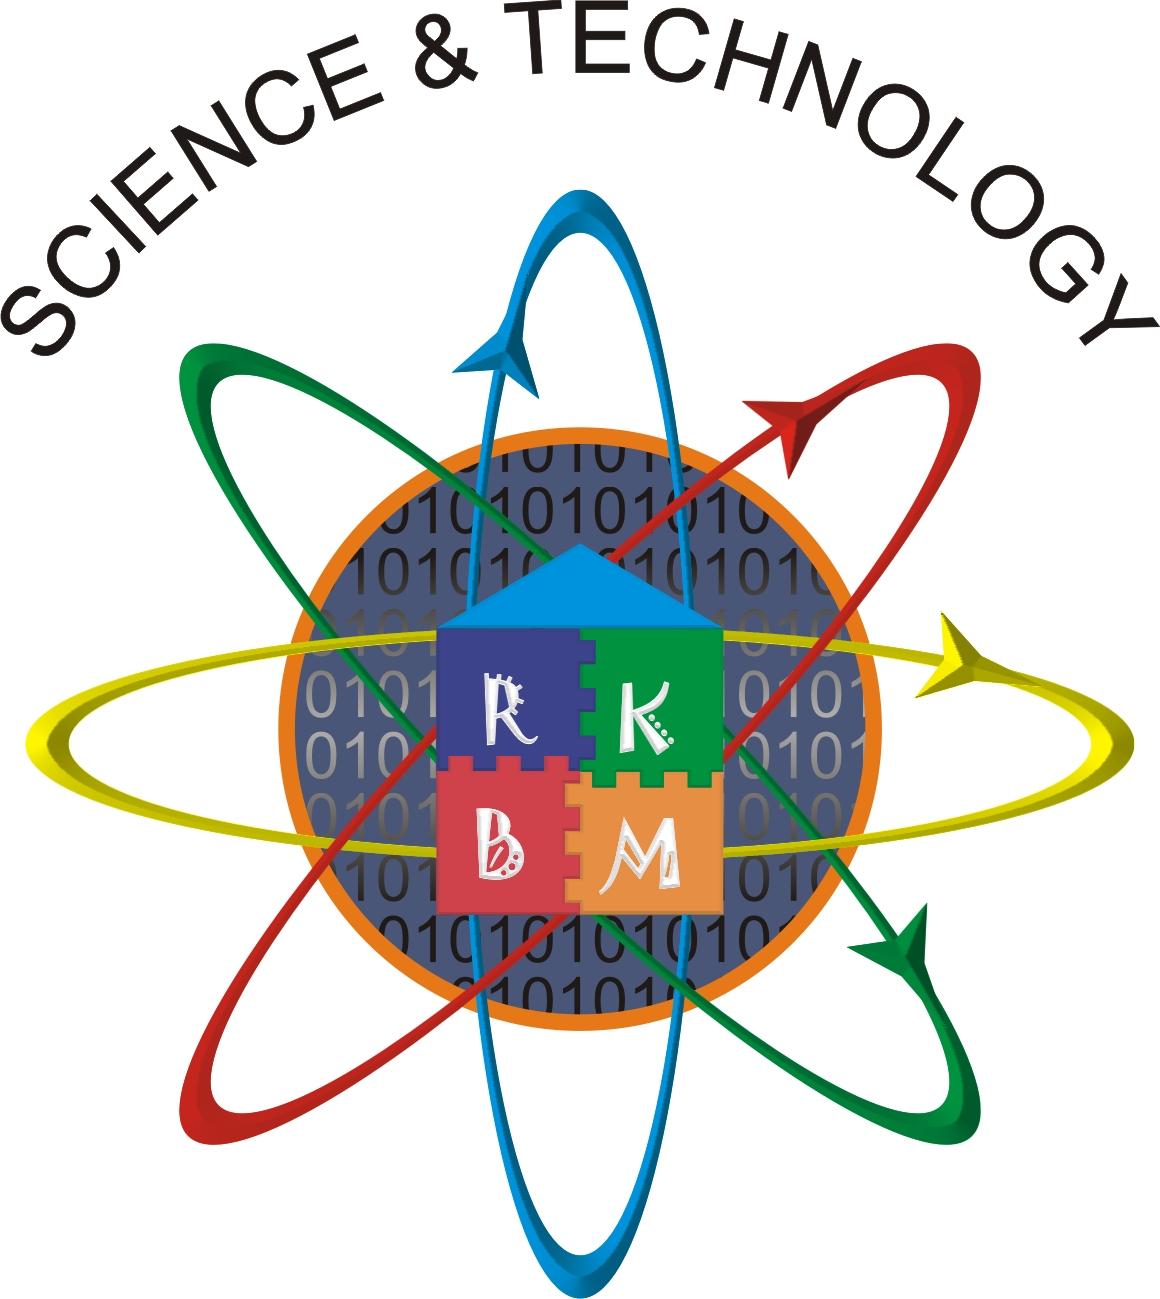 RKBM Techno